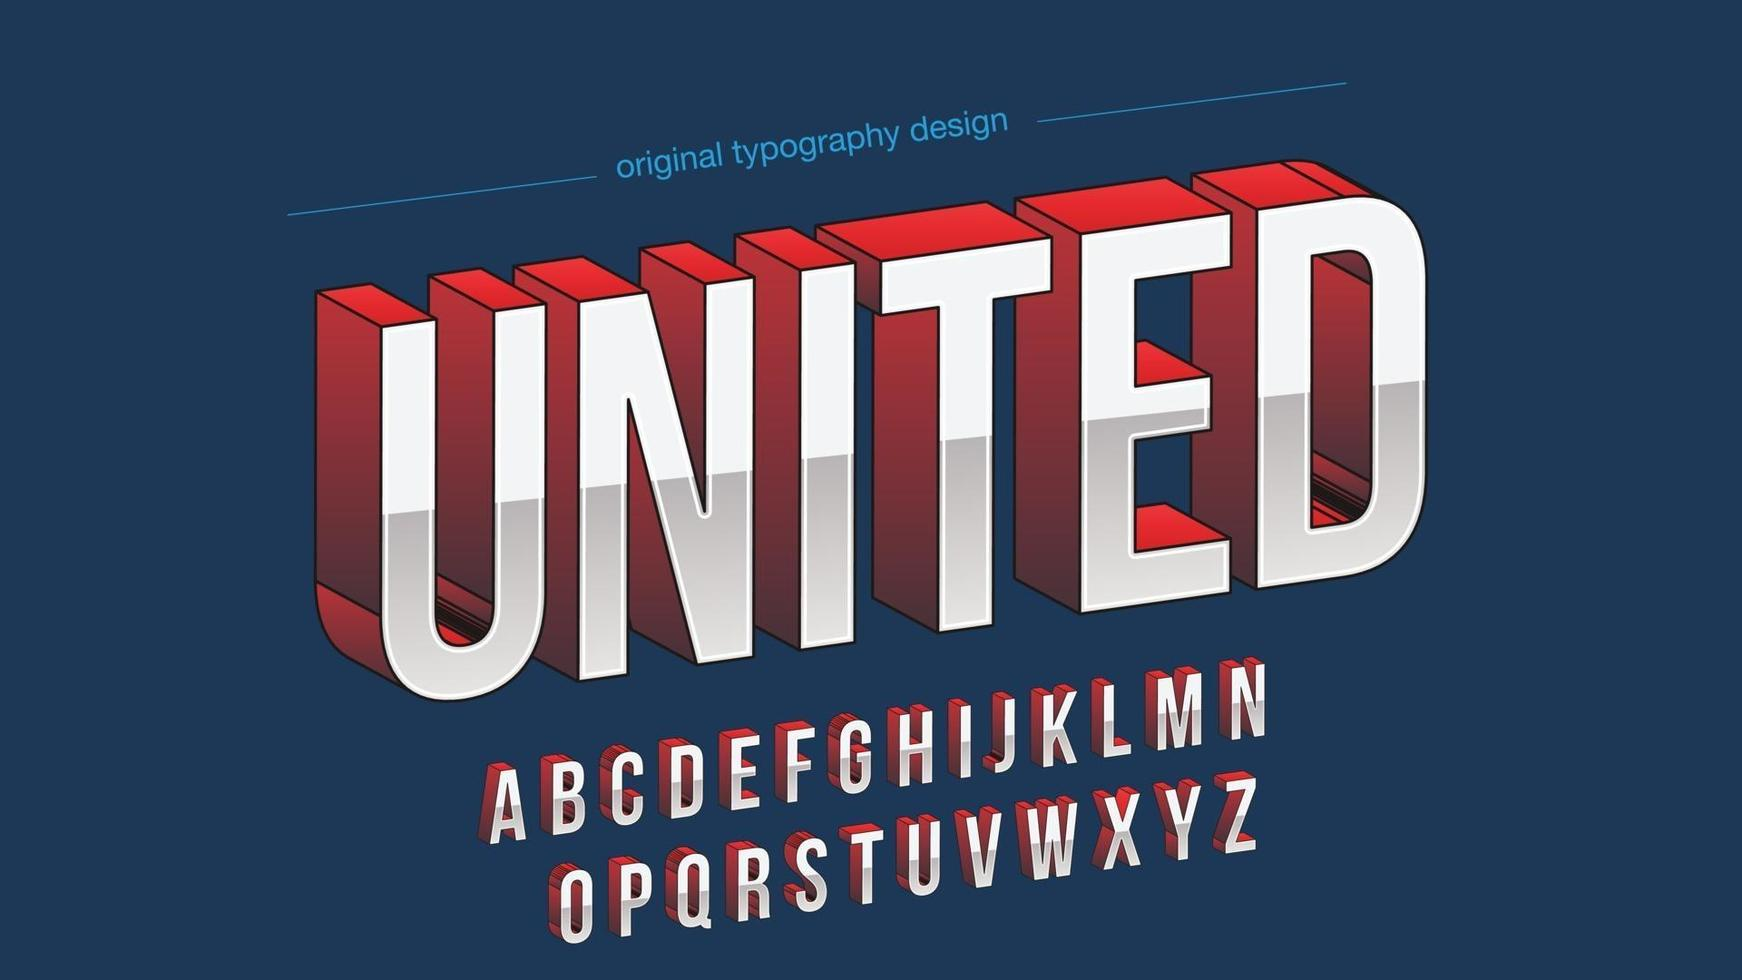 tipografia maiúscula em cromo e perspectiva vermelha vetor